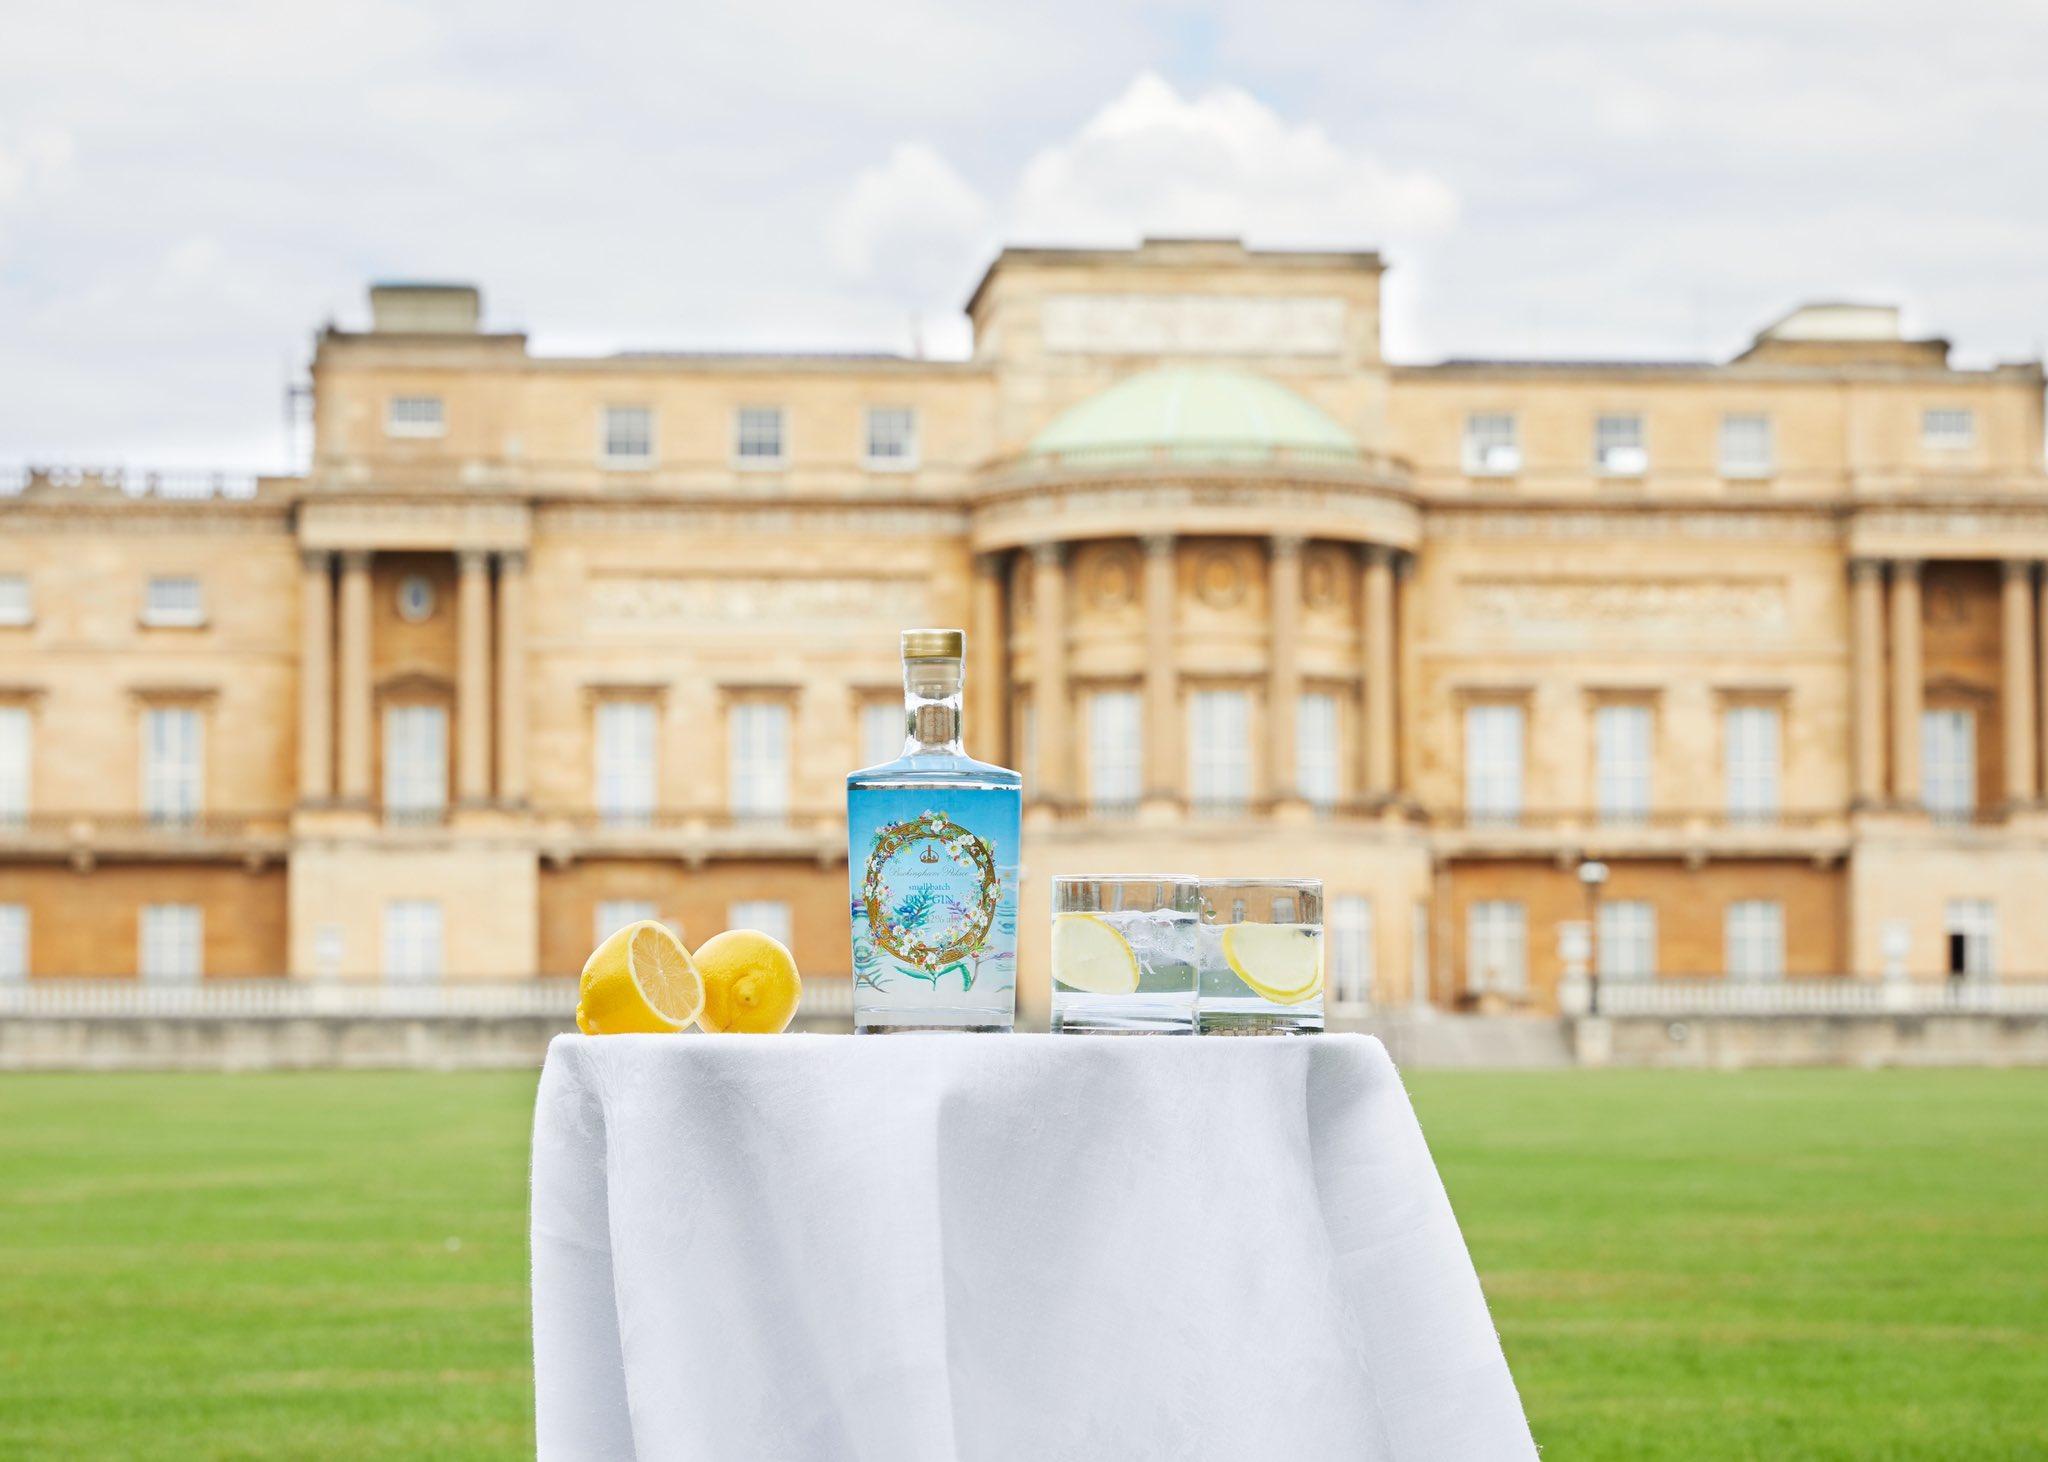 Букингемский дворец из-за падения доходов от туризма начал продавать королевский джин